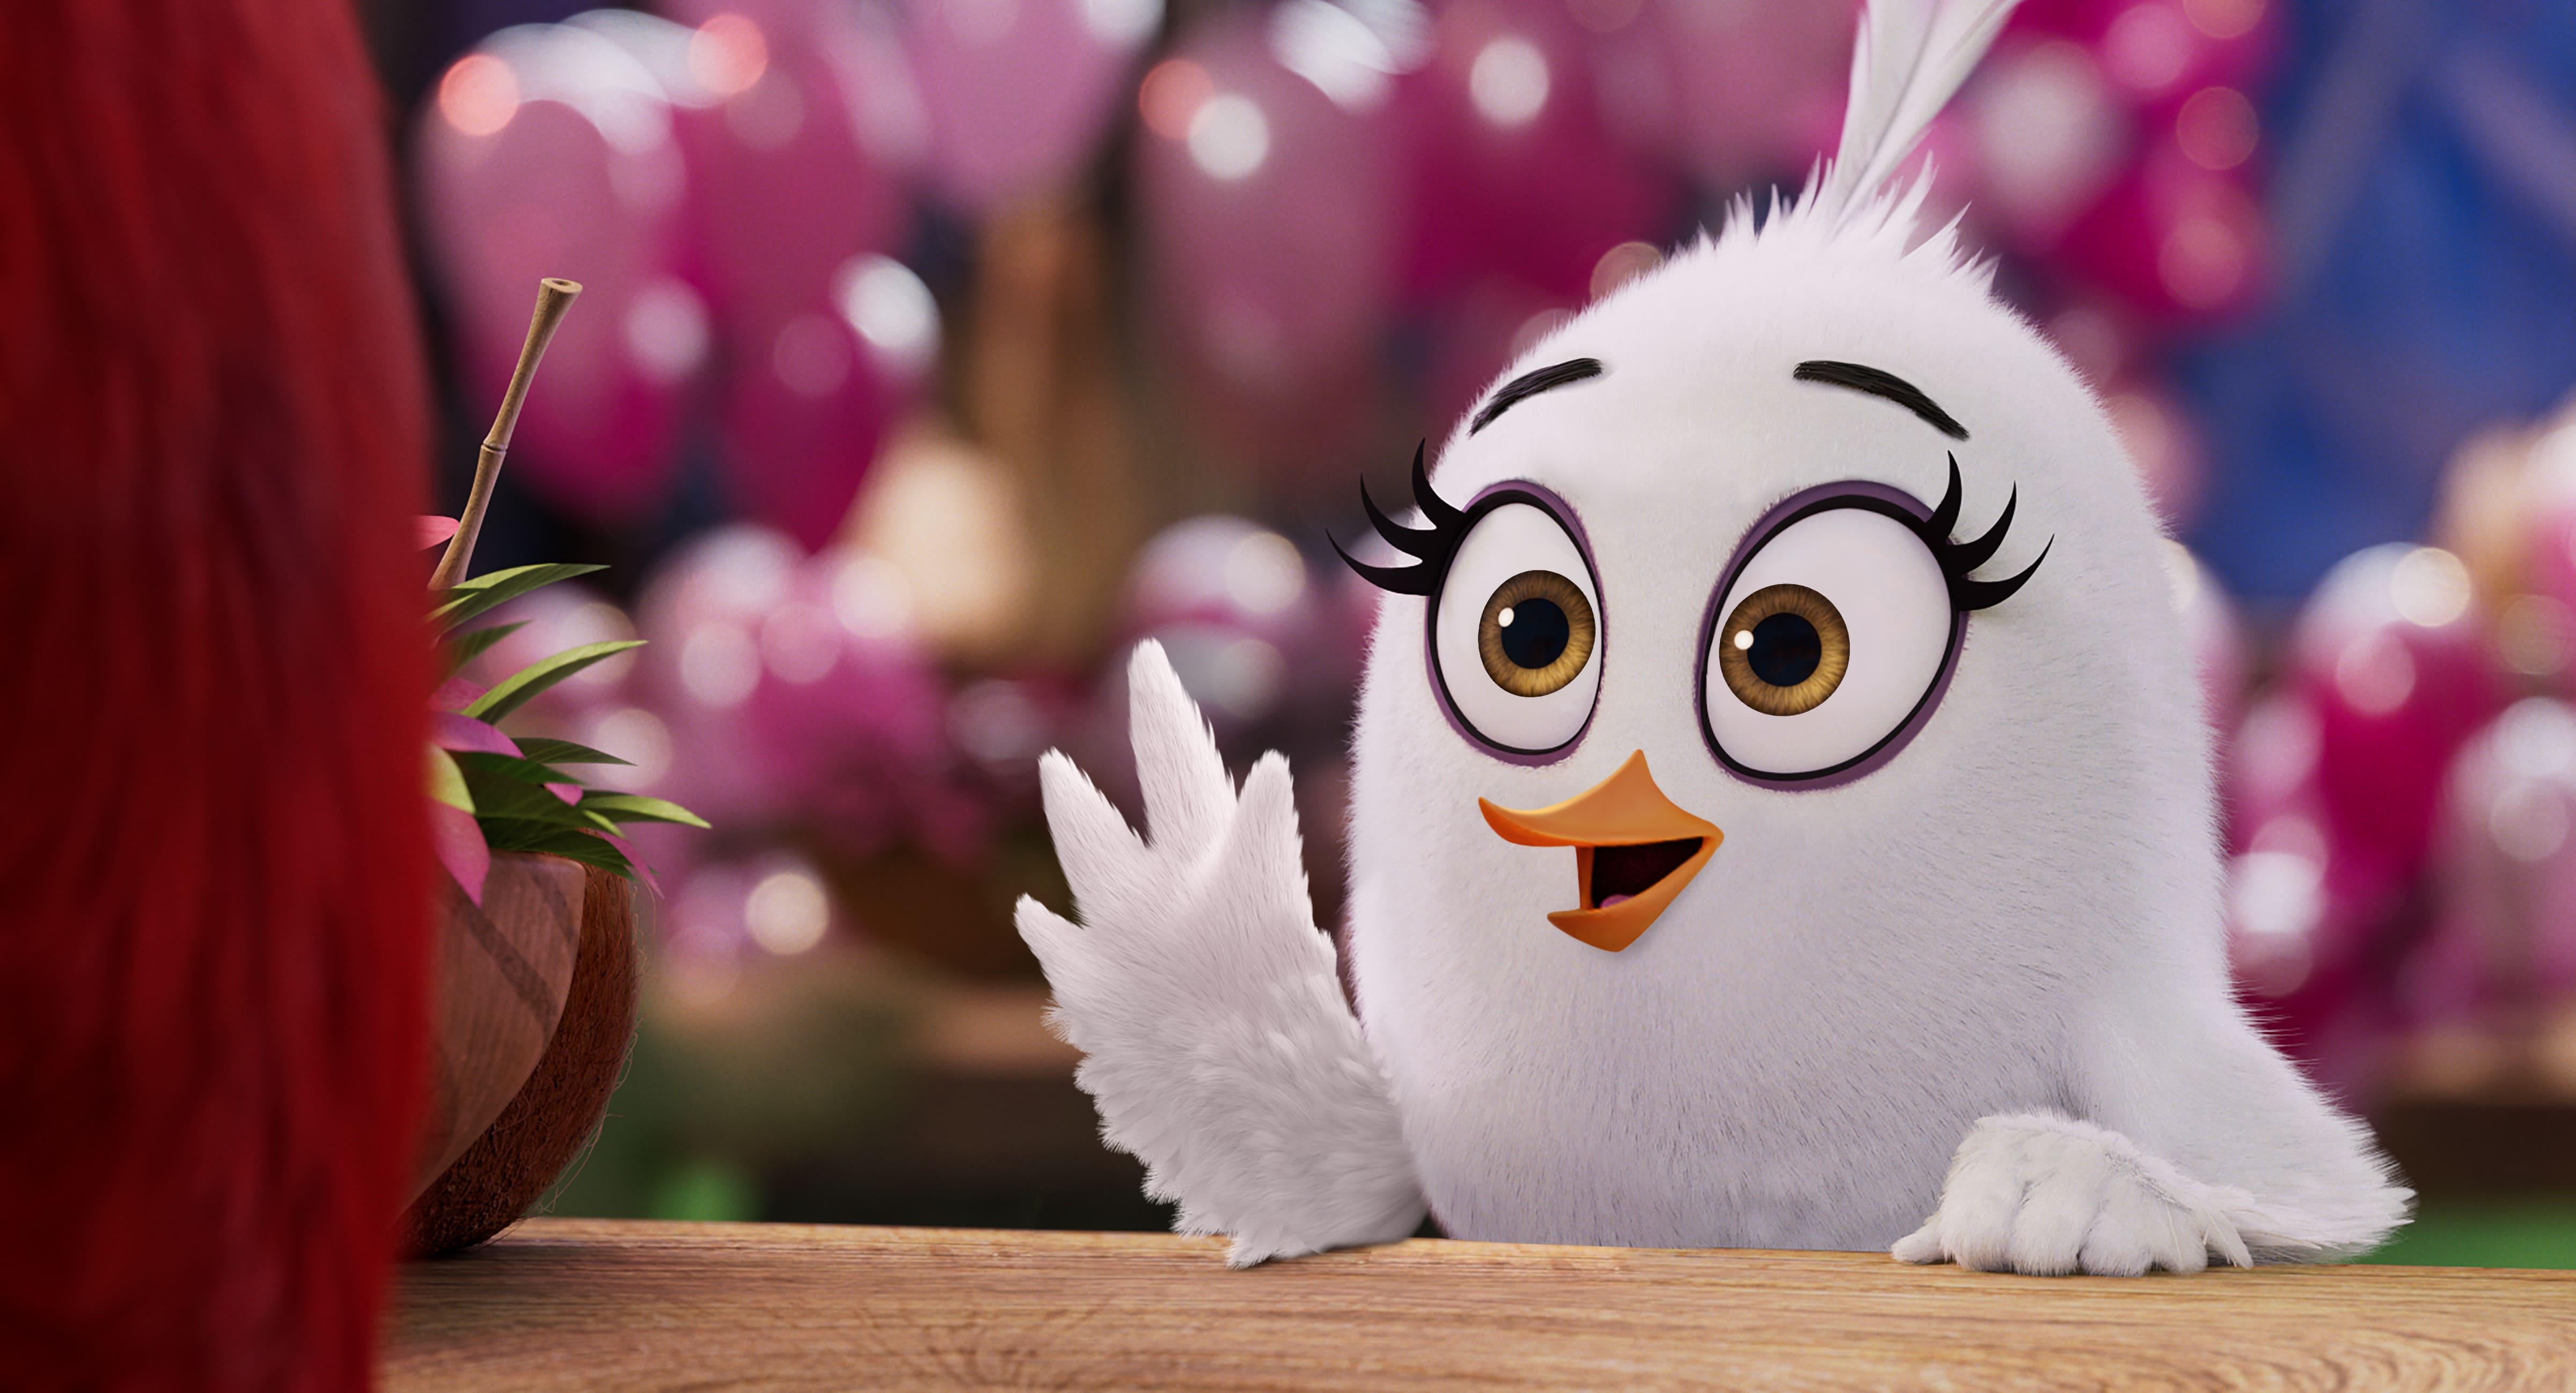 憤怒鳥玩電影2:冰的啦